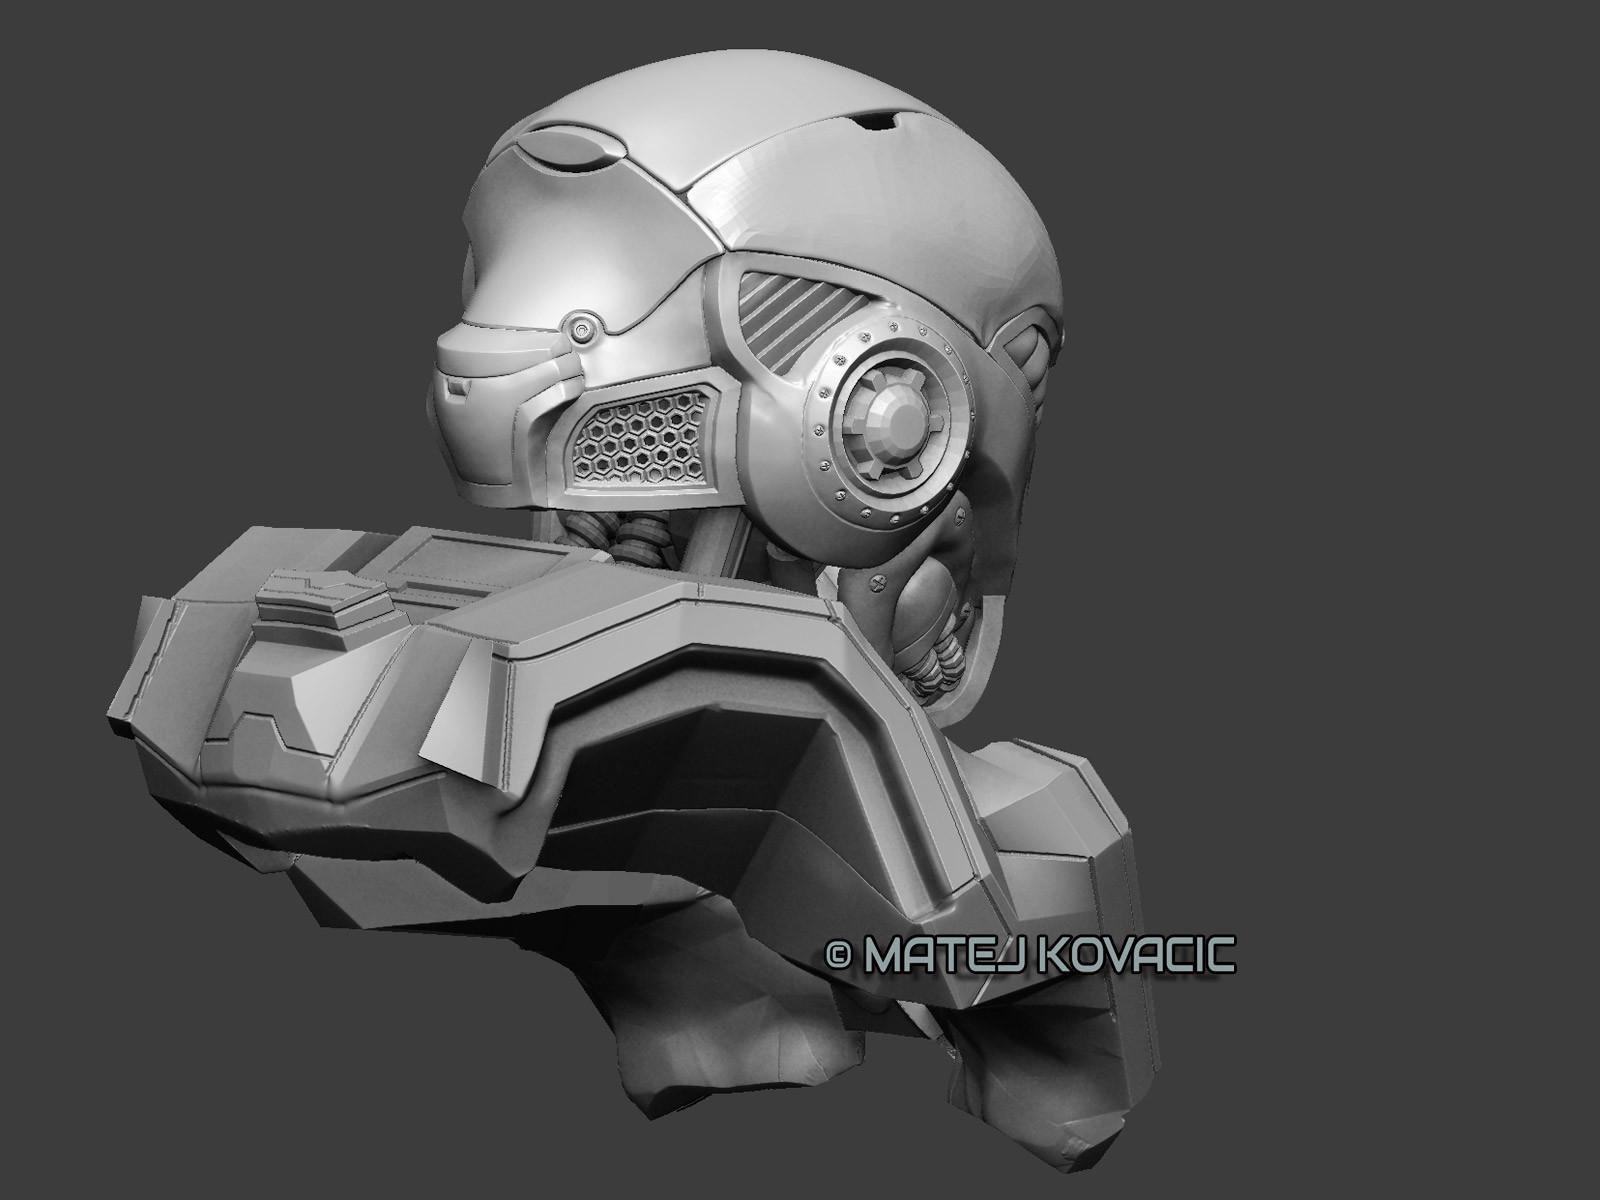 Matej kovacic sci fi helmet rx 51 zb back2 by matej kovacic